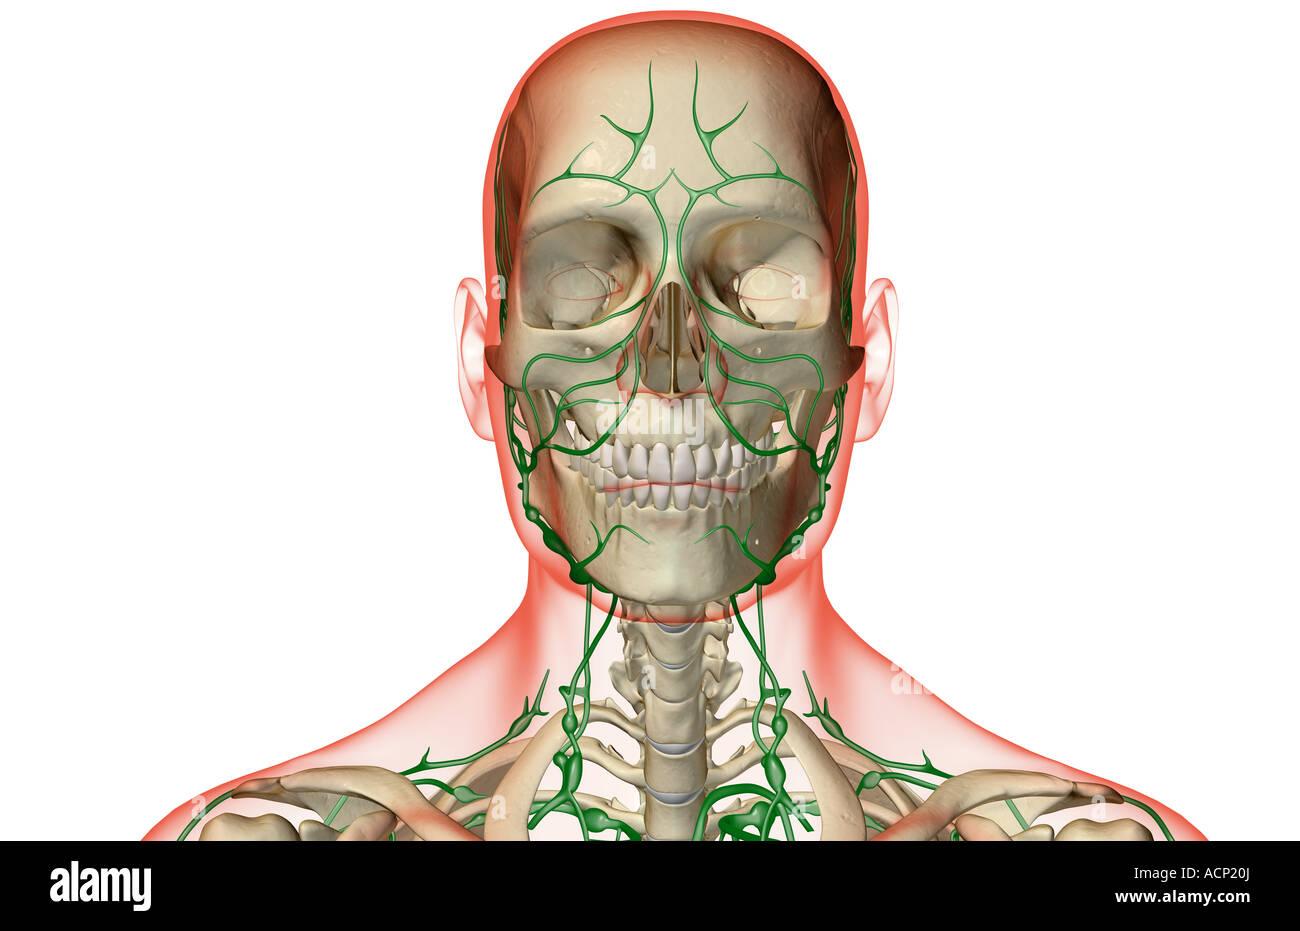 Ausgezeichnet Kopf In Der Anatomie Fotos - Menschliche Anatomie ...